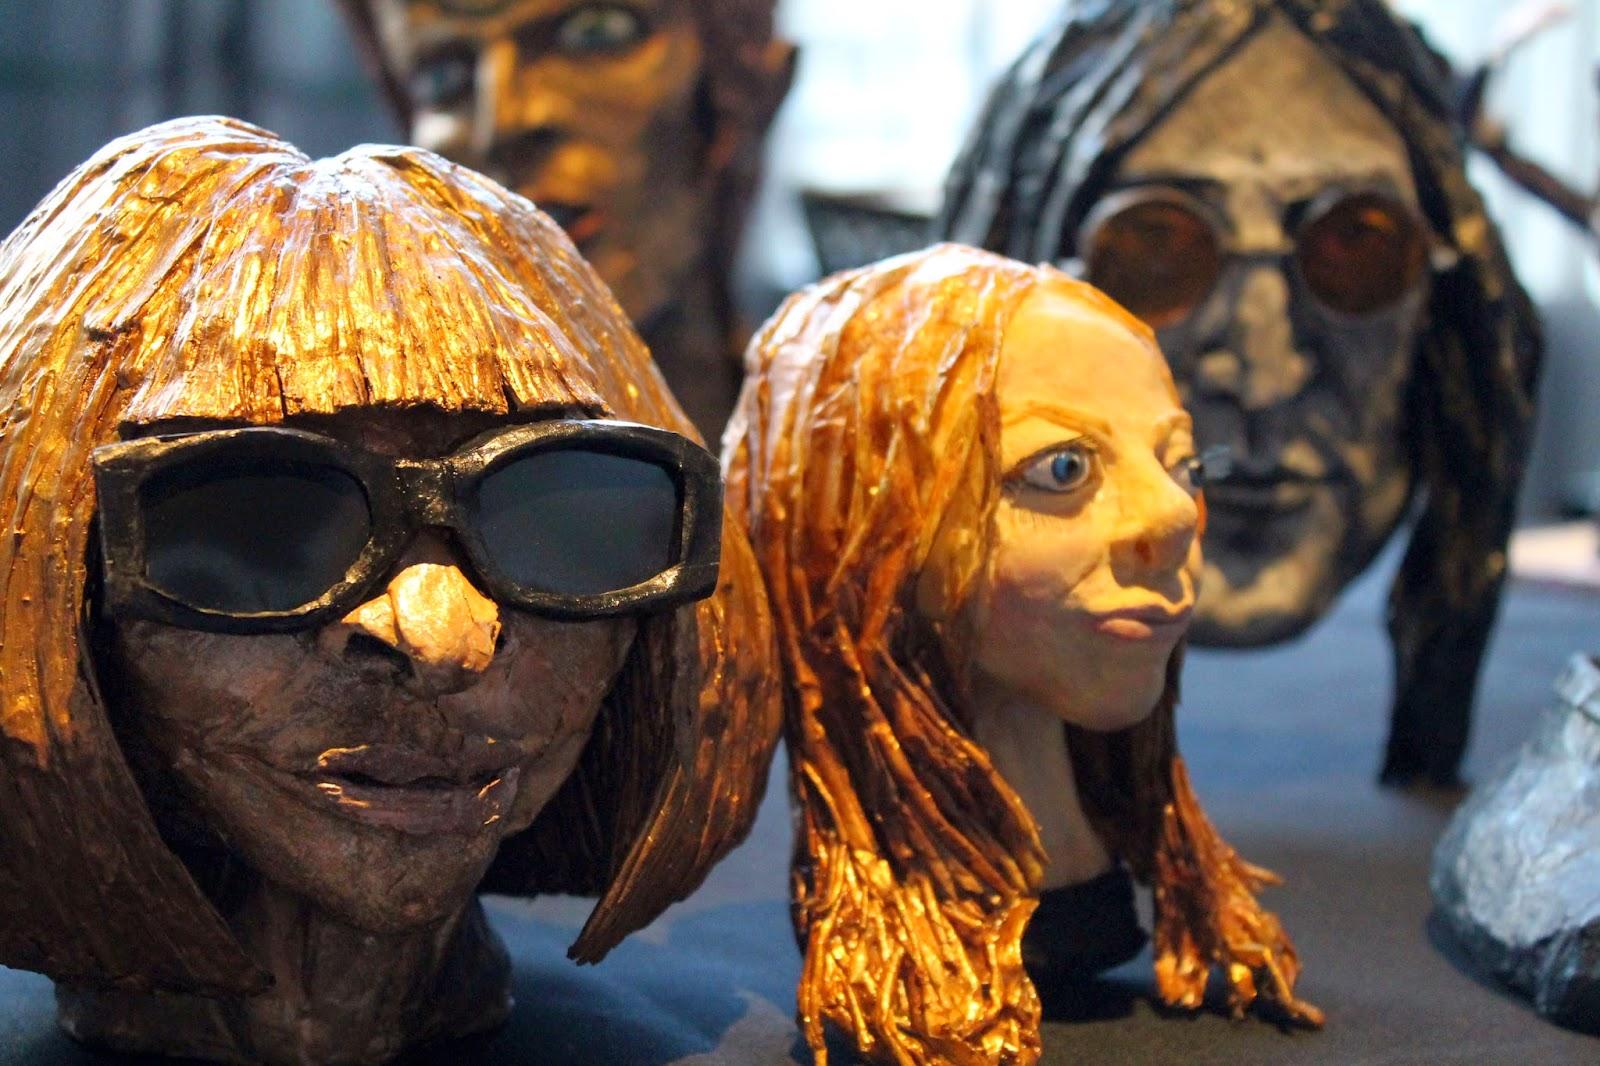 Anna wintour sculpture john lennon bowie by Flesh and Bone